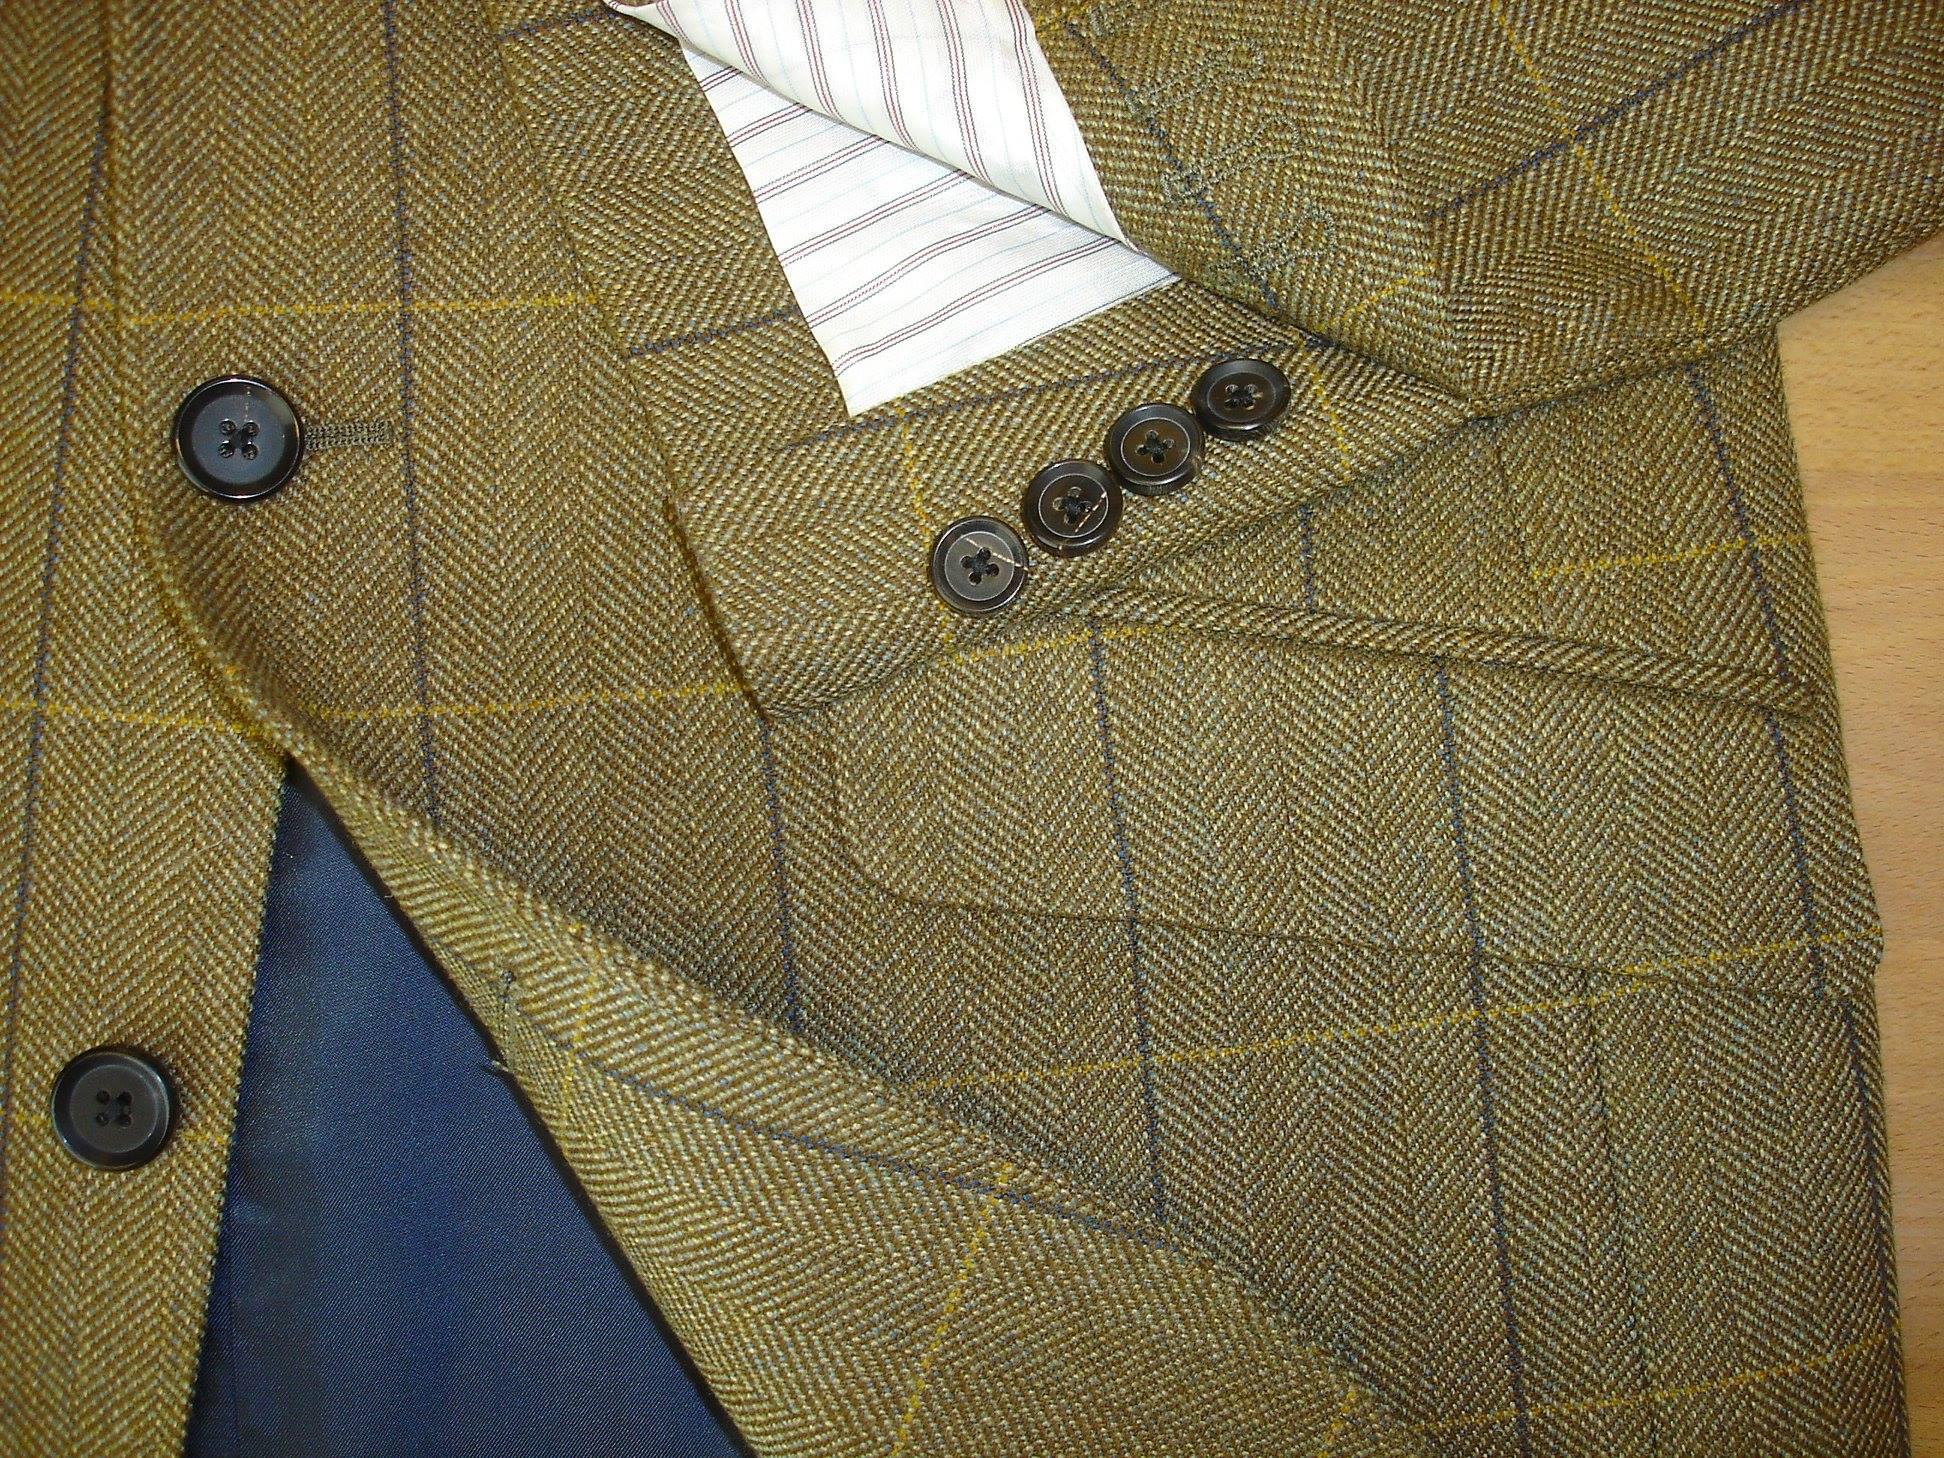 Porter & Harding Hartwist Tweed Suit (3).jpg